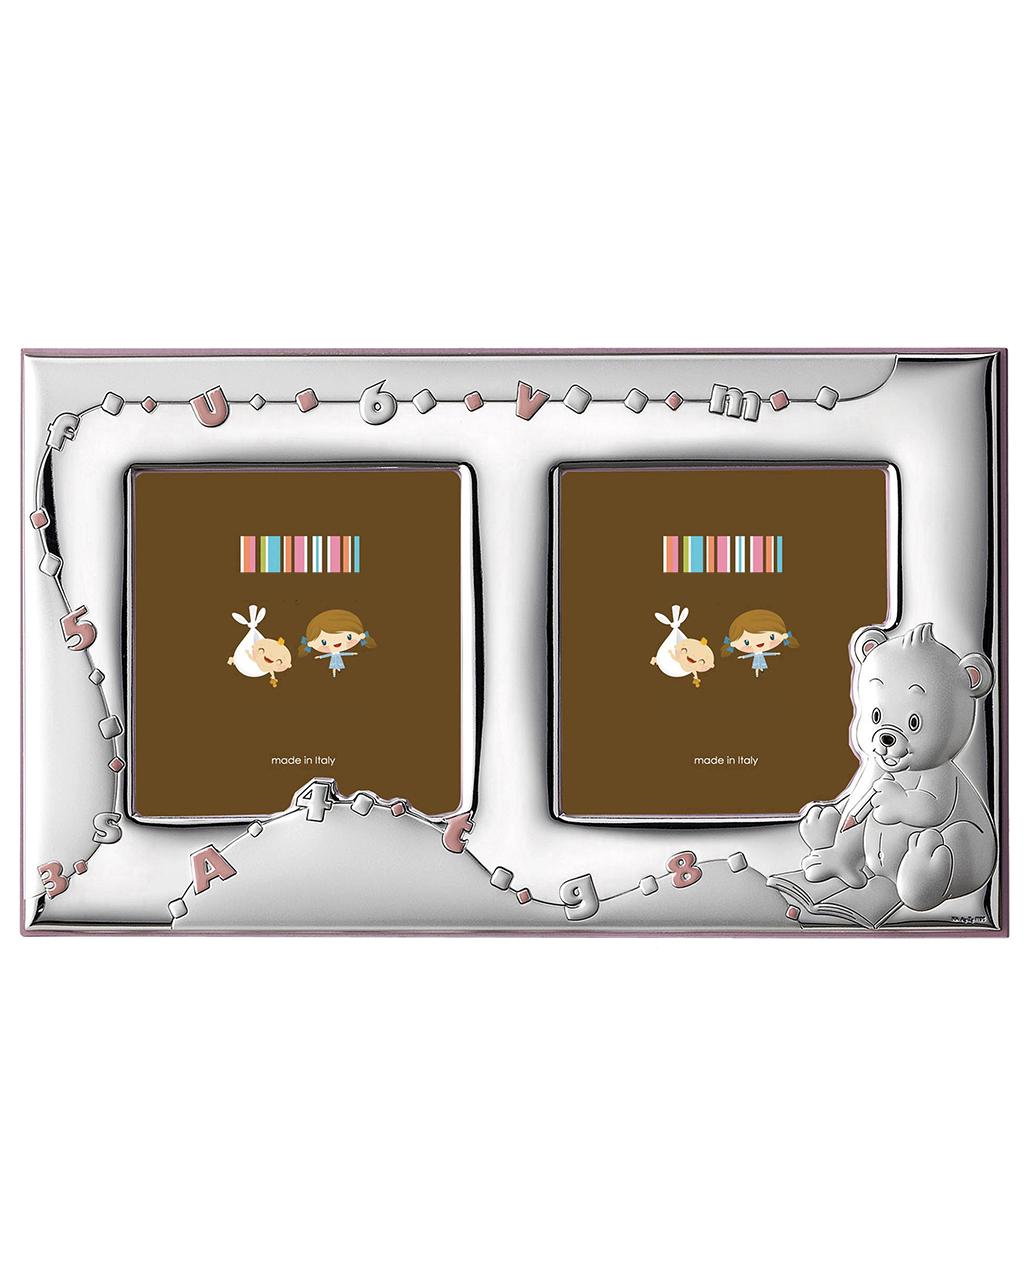 Ασημένια παιδική κορνίζα DK03573   δωρα παιδικές κορνίζες   άλμπουμ